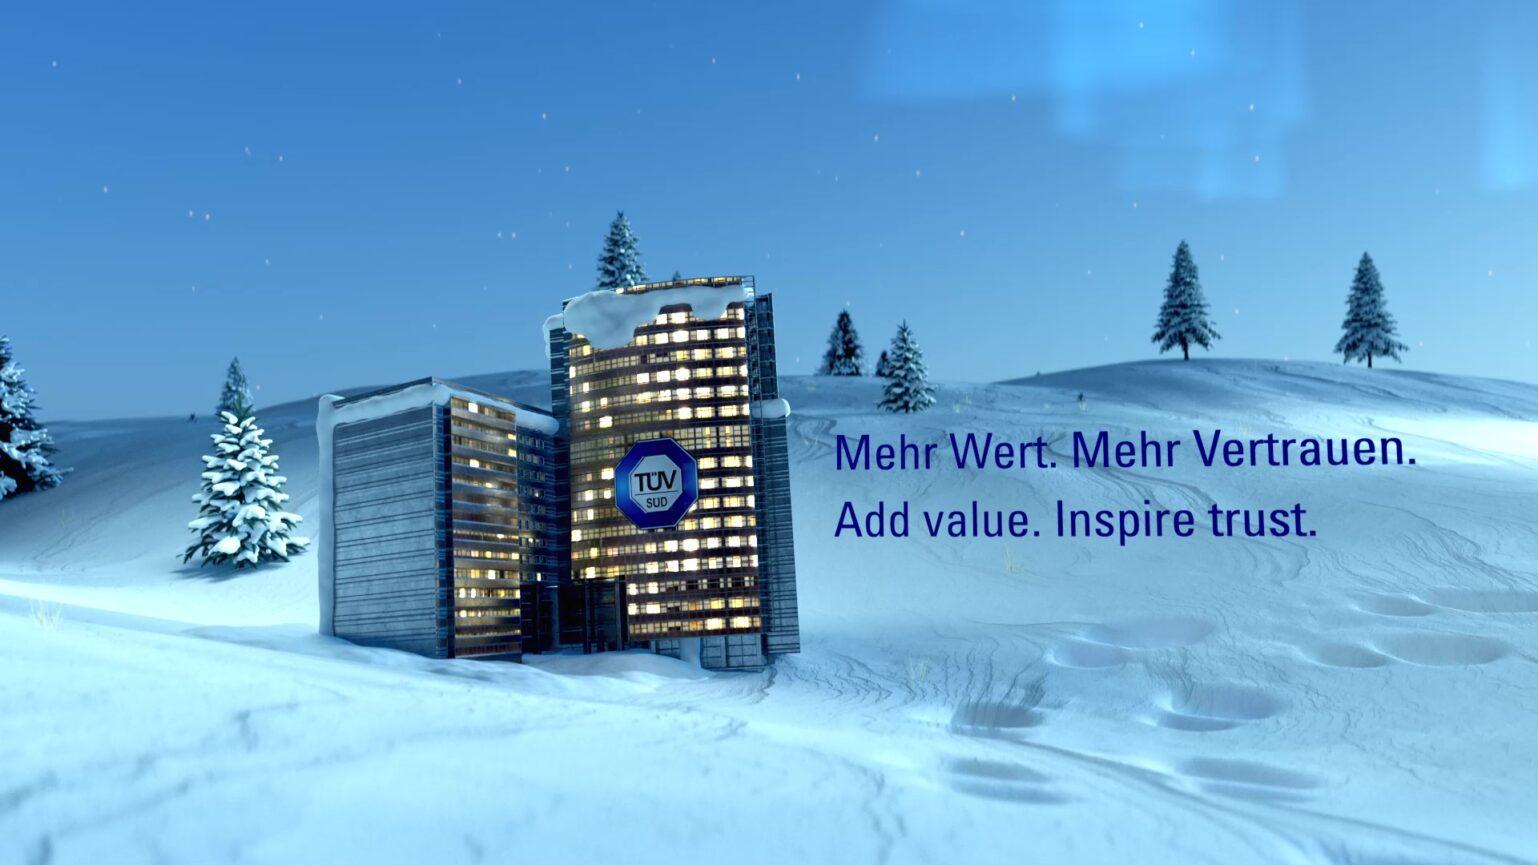 TÜV Süd 3D Animation Styleframe Gebäude